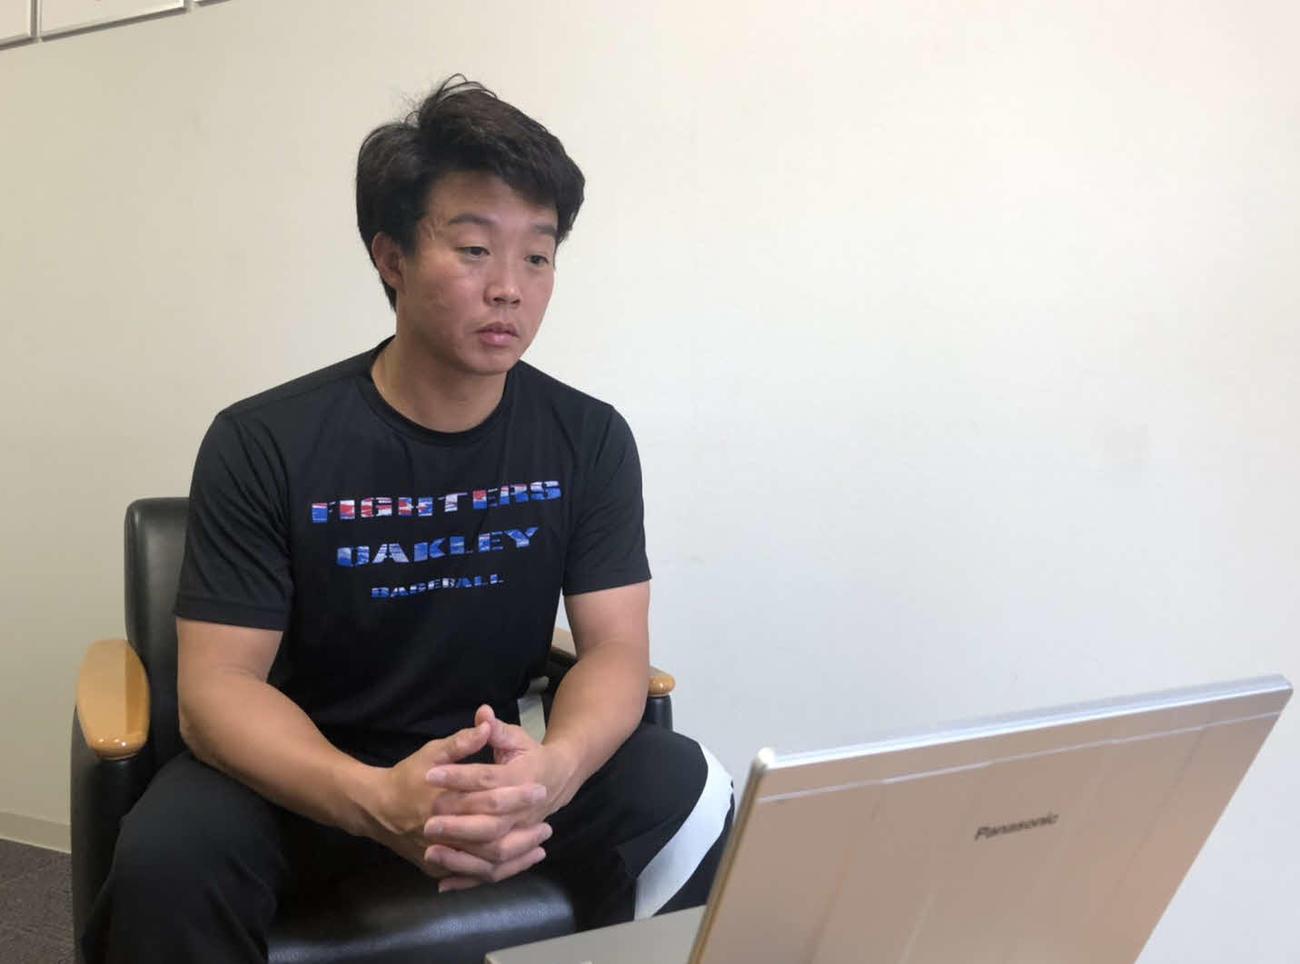 札幌市内にある合宿所でオンライン取材を受ける日本ハム鶴岡兼任バッテリーコーチ(球団提供)